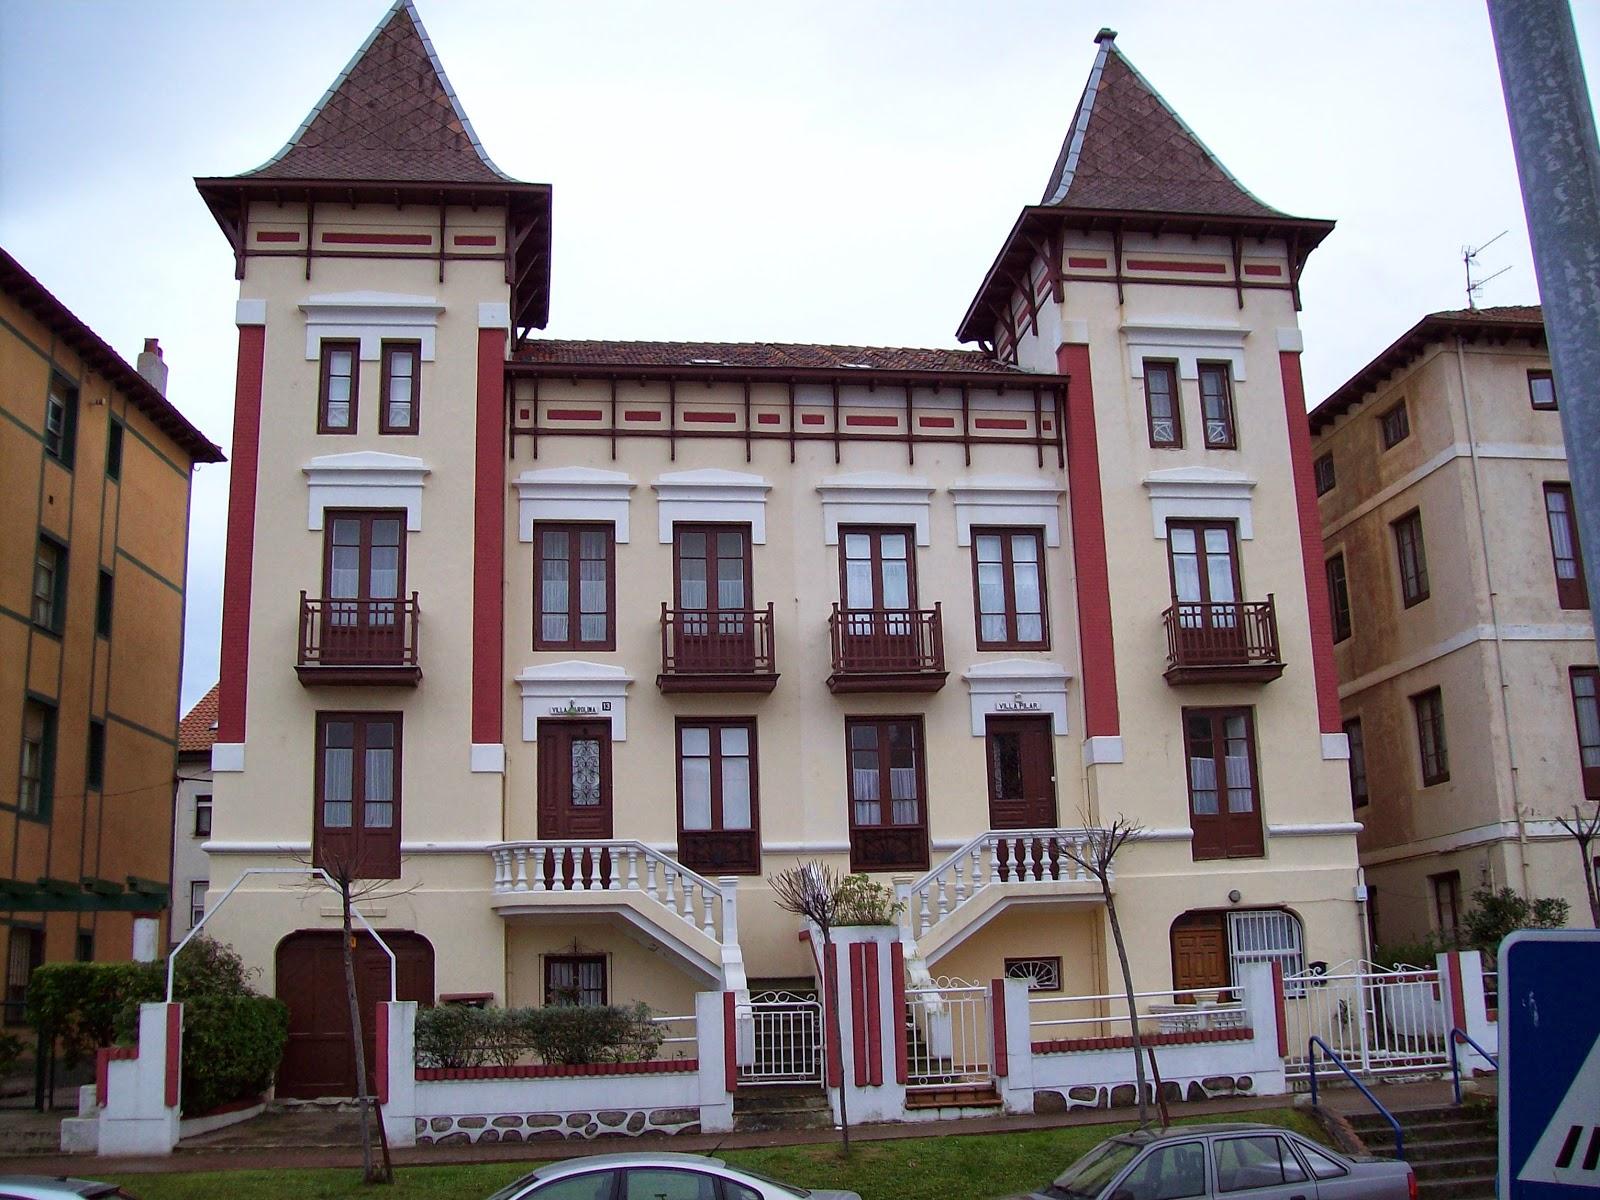 Escenas de santander casas singulares vi - Casas de banco santander ...